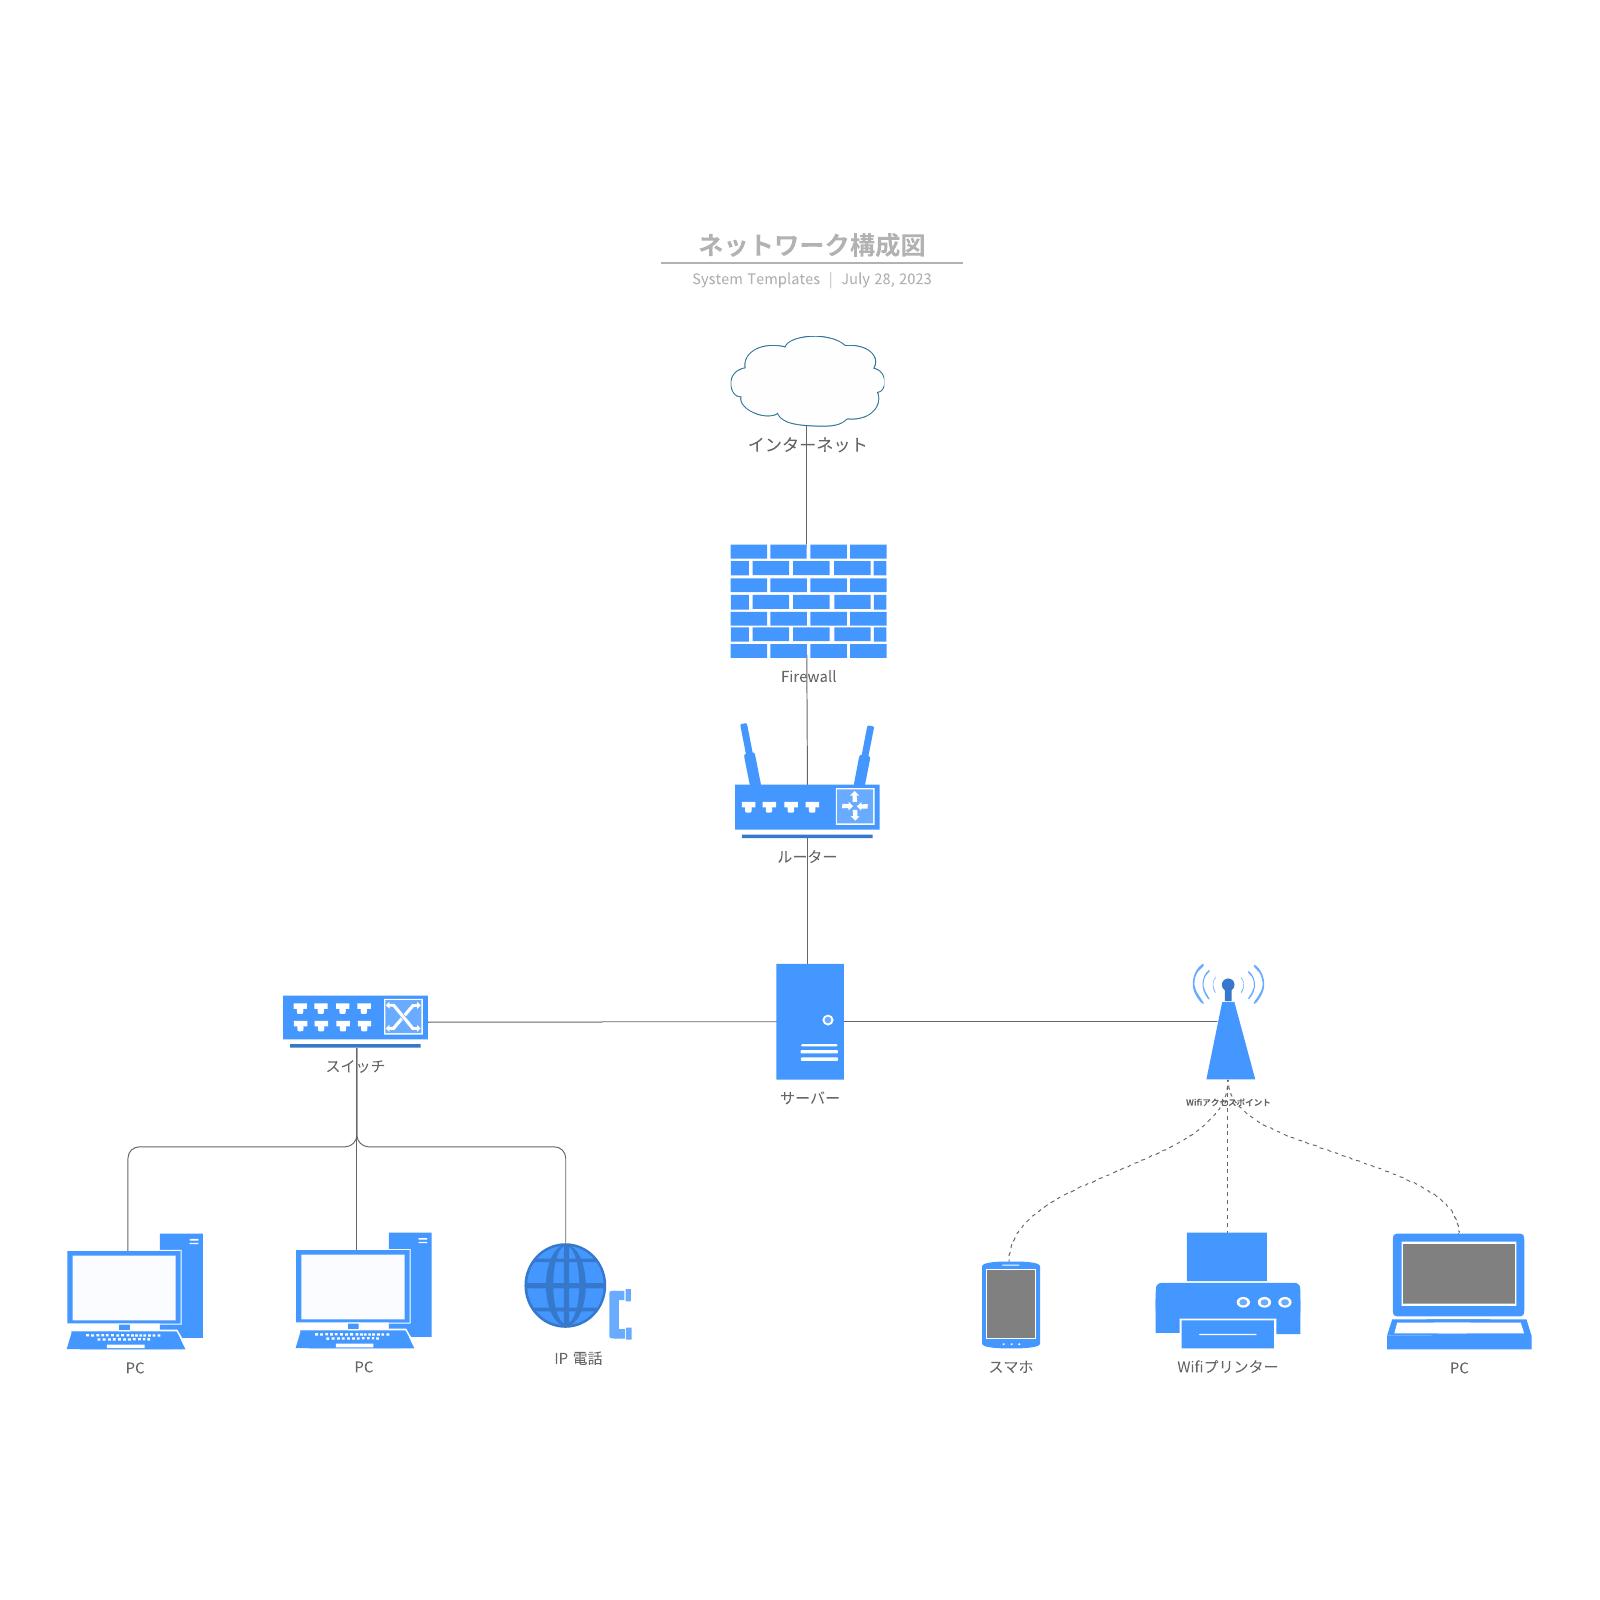 ネットワーク構成図テンプレート